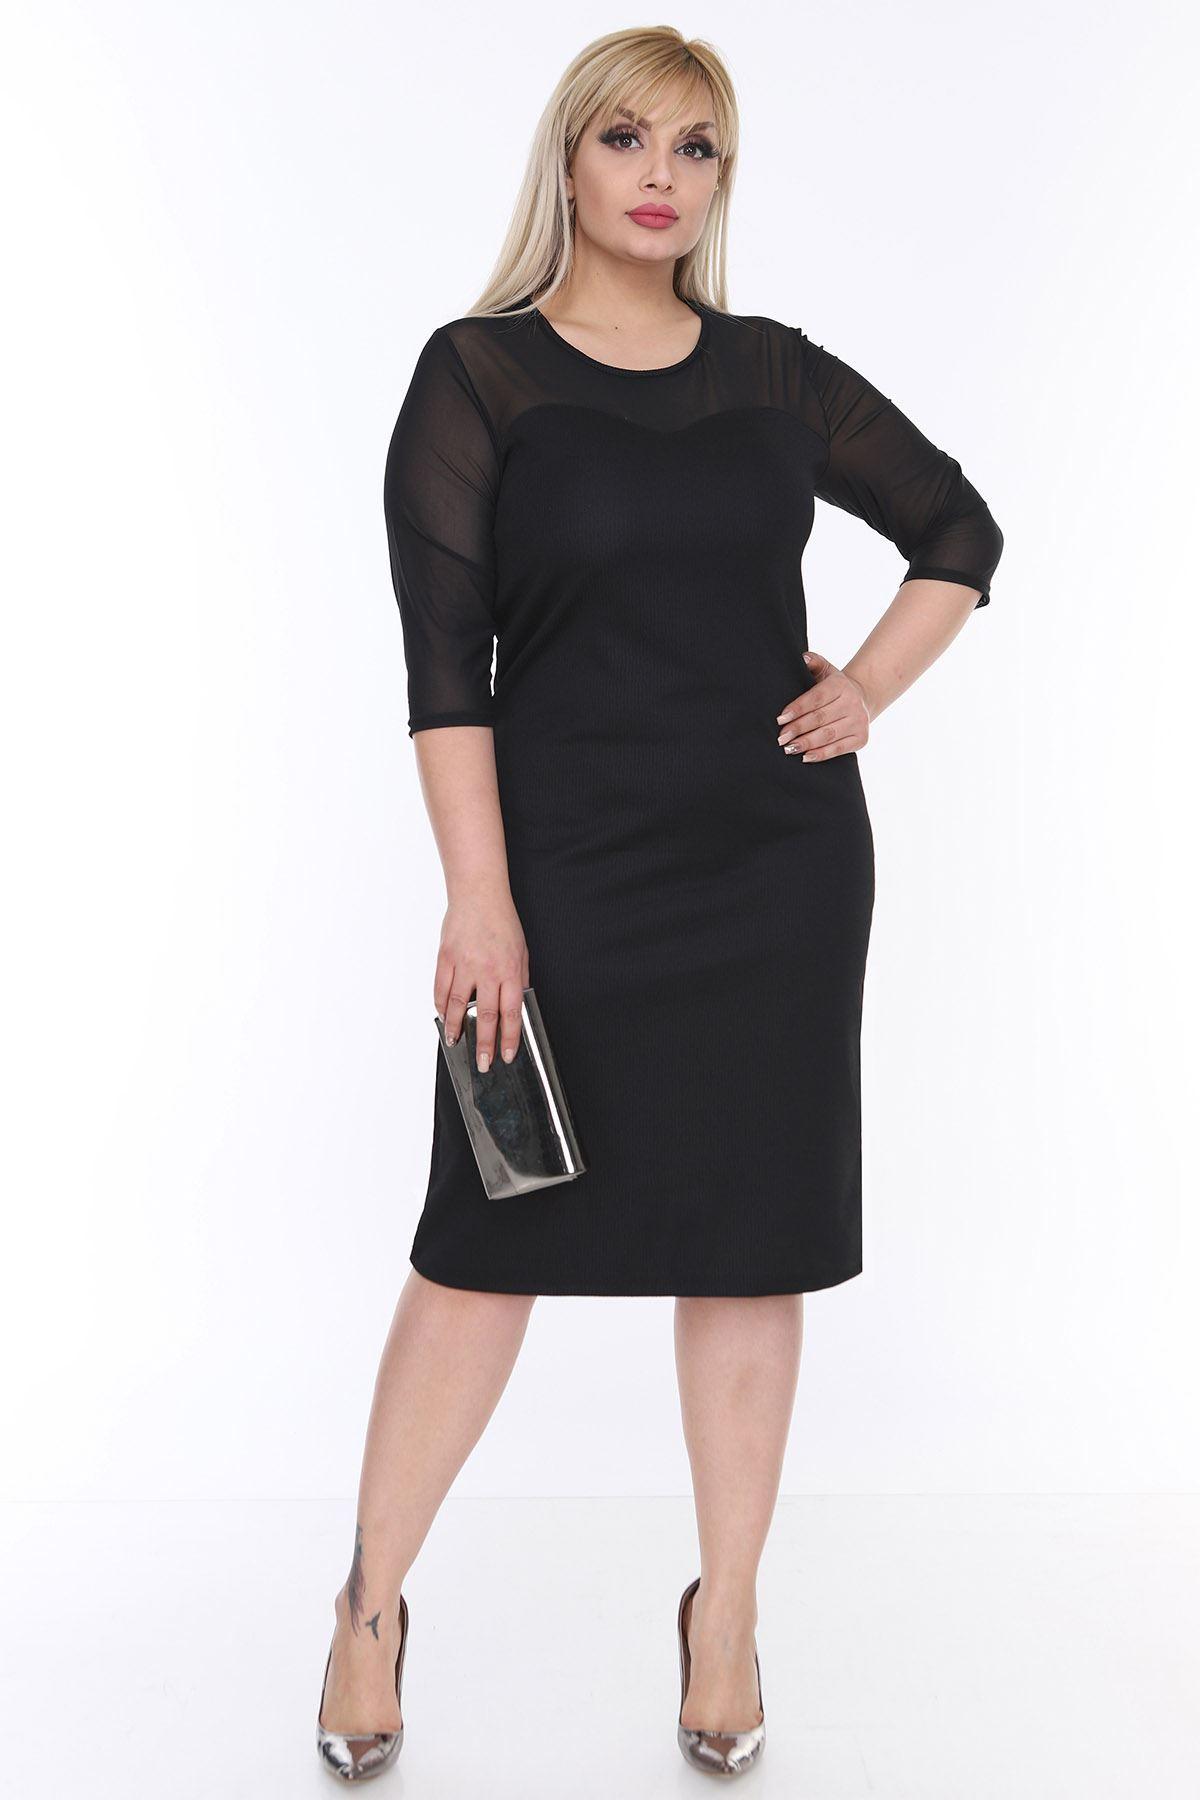 Tül Kol Siyah Elbise 3B-0207